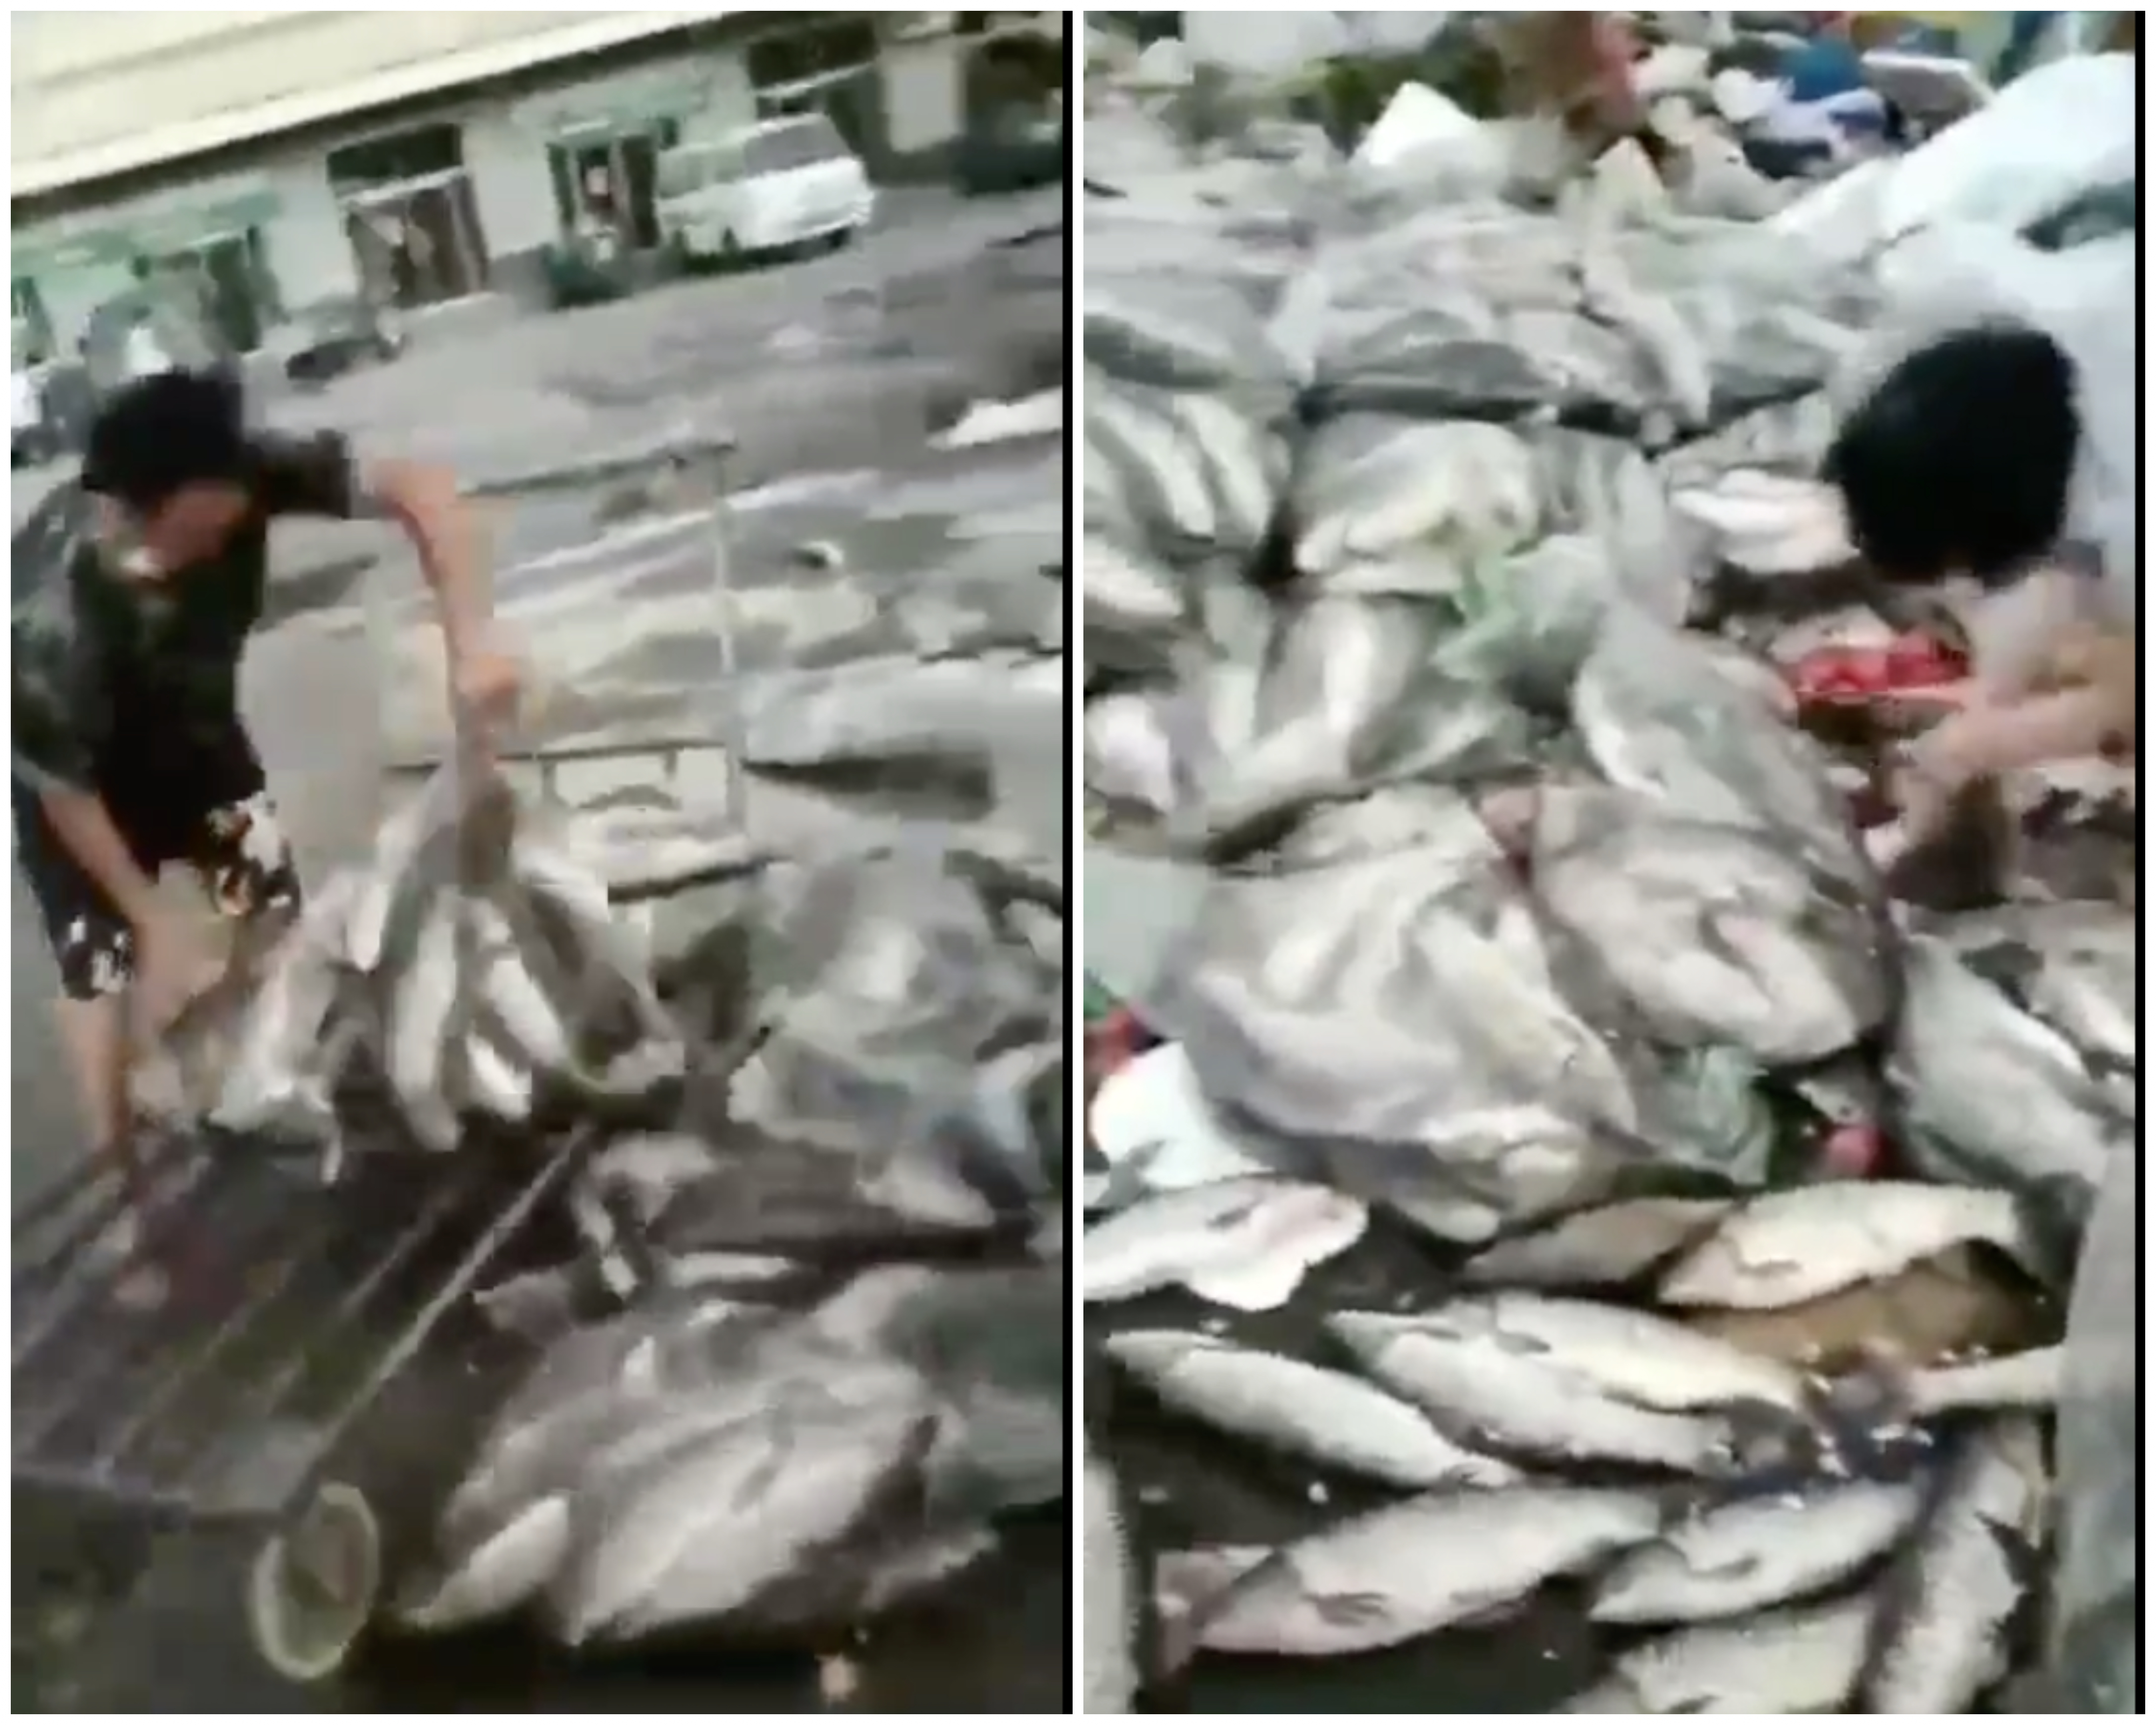 北京新一輪中共肺炎(俗稱武漢肺炎、新冠肺炎)疫情大爆發後,官方一度把病毒源頭指向歐洲的三文魚。「三文魚」恐慌之下,各地紛紛下架,大批魚被銷毀,丟棄。(影片截圖)